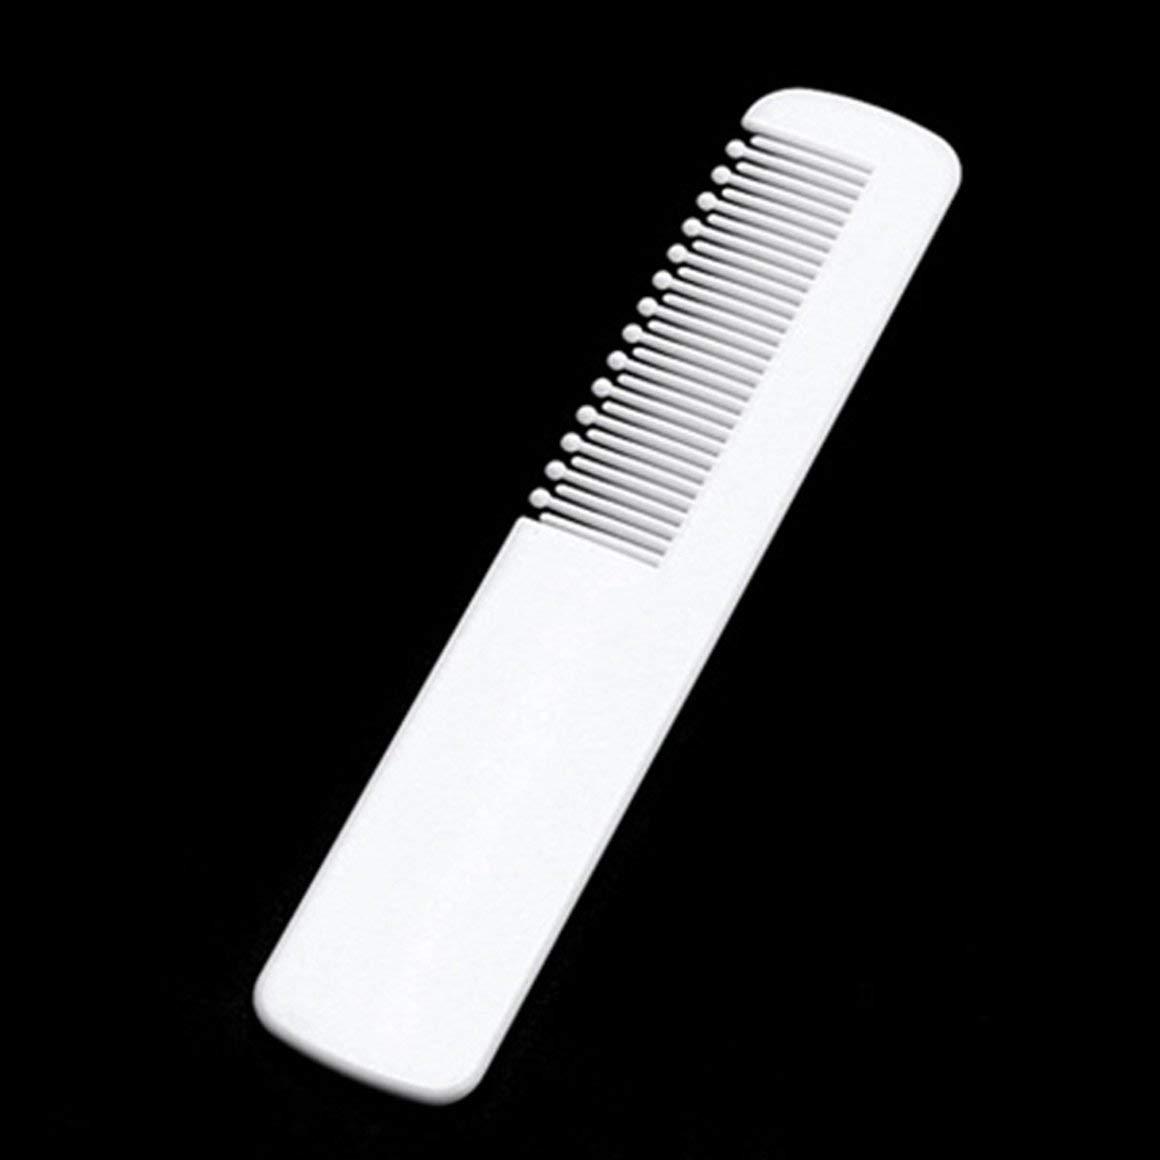 Funnyrunstore Juego de cepillos y peines para beb/és para reci/én nacidos Ni/ños peque/ños Seguridad infantil Kit de cuidado de la salud y aseo Kit de masaje para el cuero cabelludo Blanco